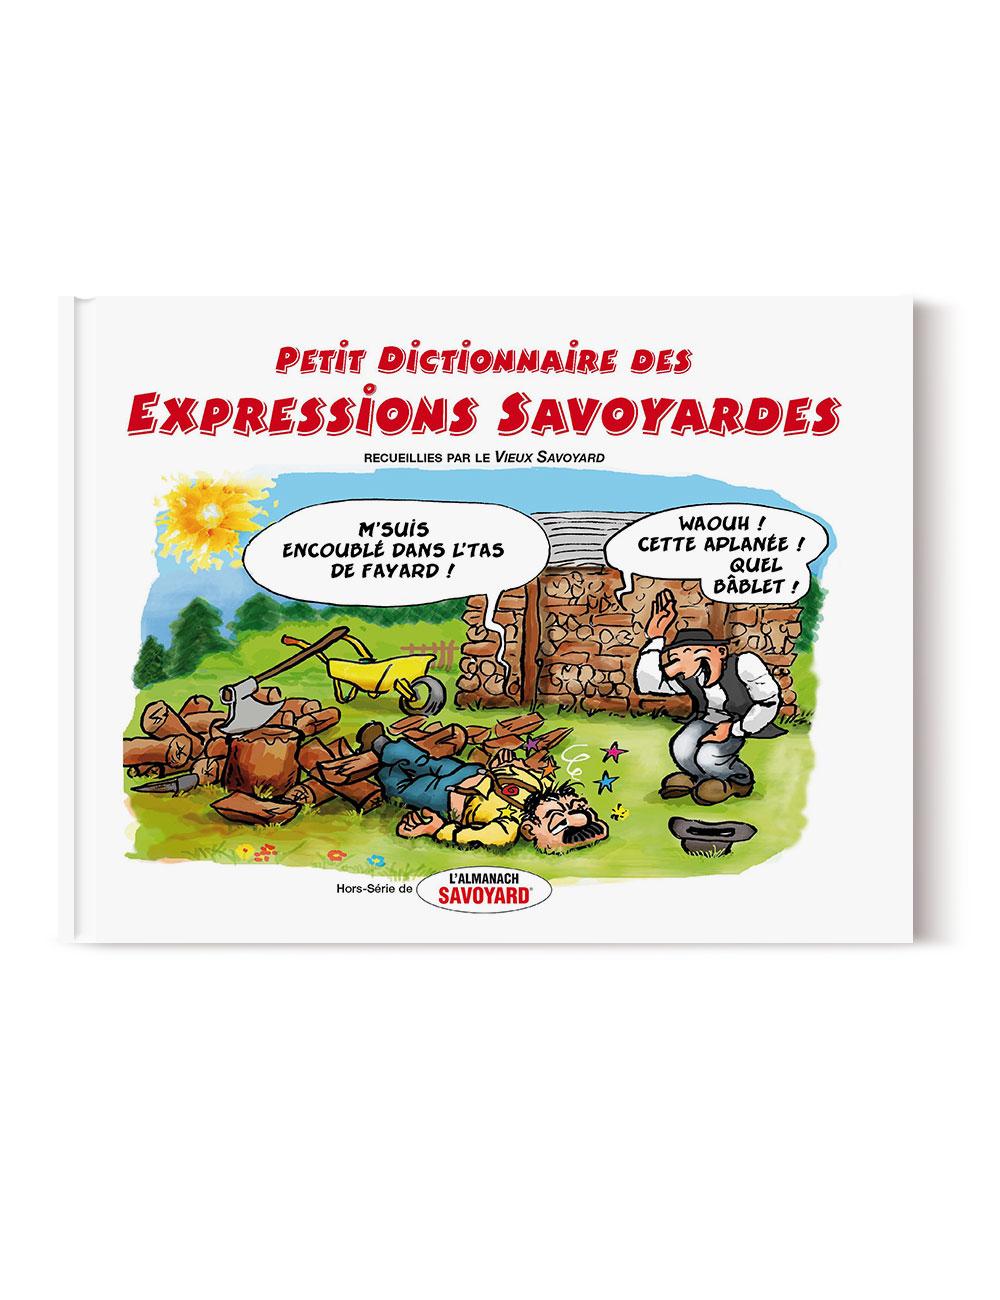 Dictionnaire des Expressions Savoyardes – Livre expression des Pays de Savoie